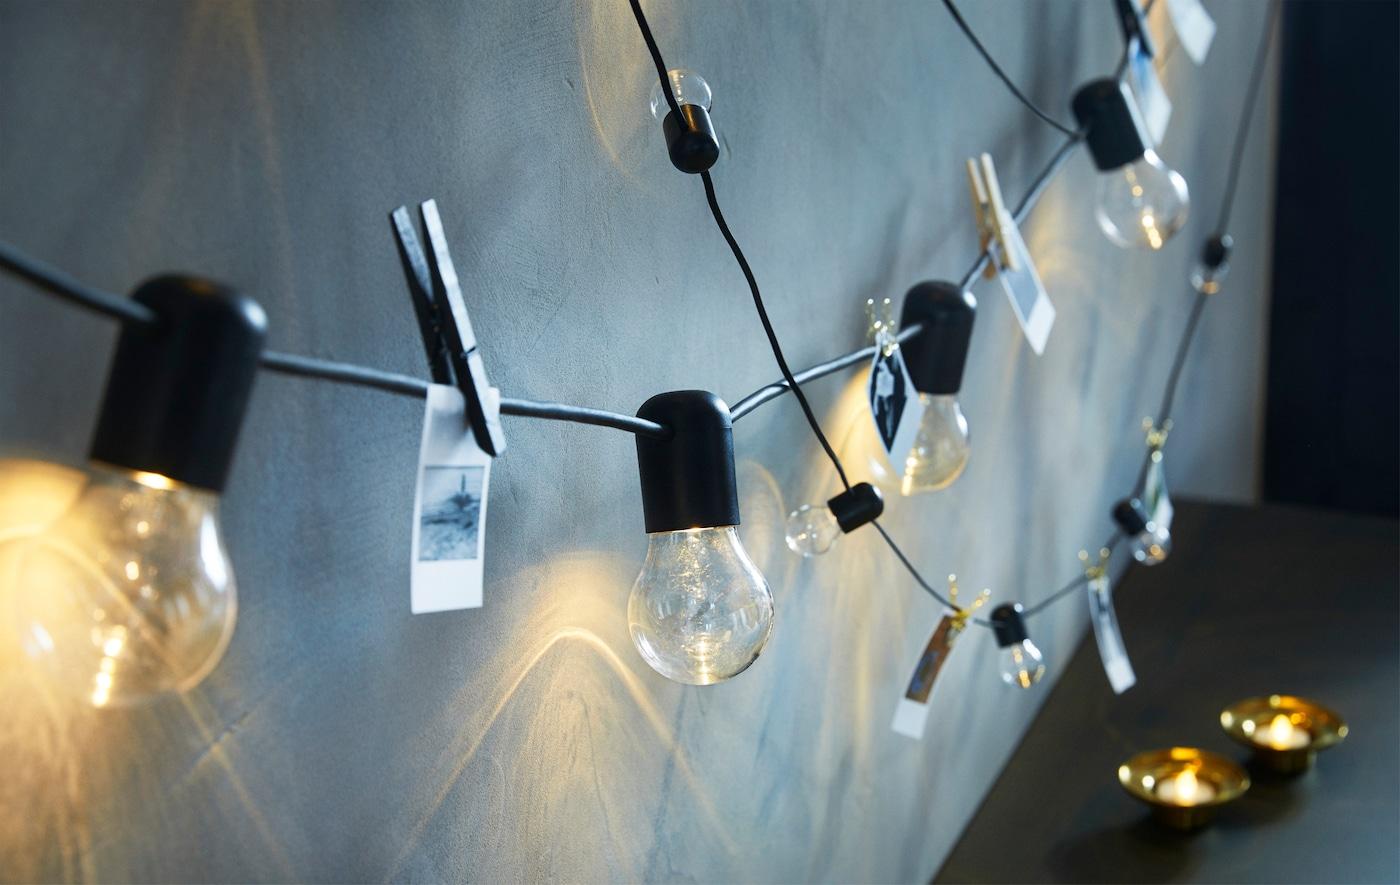 只要一条 SVARTRÅ 斯瓦图 黑色LED灯串和一条宜家 BLÖTSNÖ 布洛斯诺 黑色LED灯串,即可为整堵墙壁增添个性色彩。